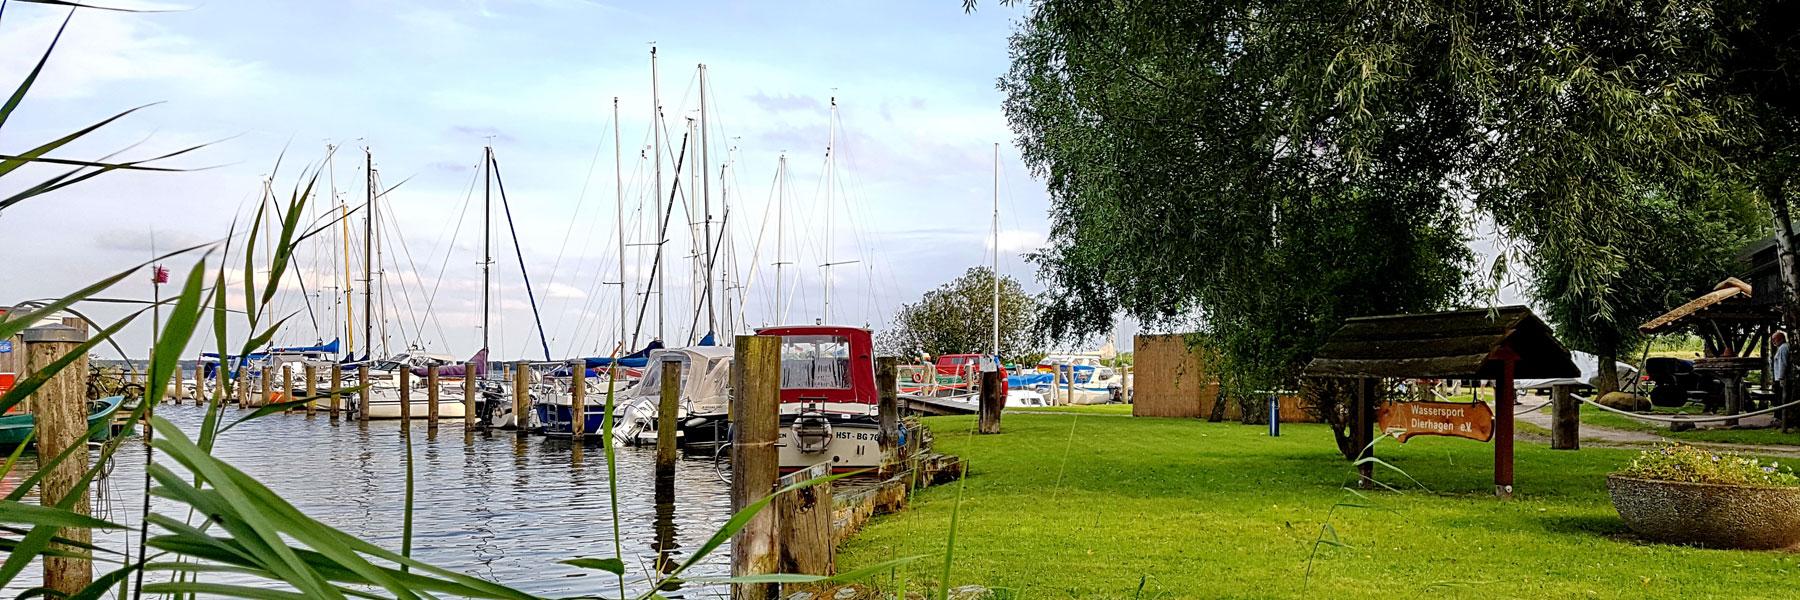 Hafen Dierhagen - Gaststätte & Pension Am Wiesengrund